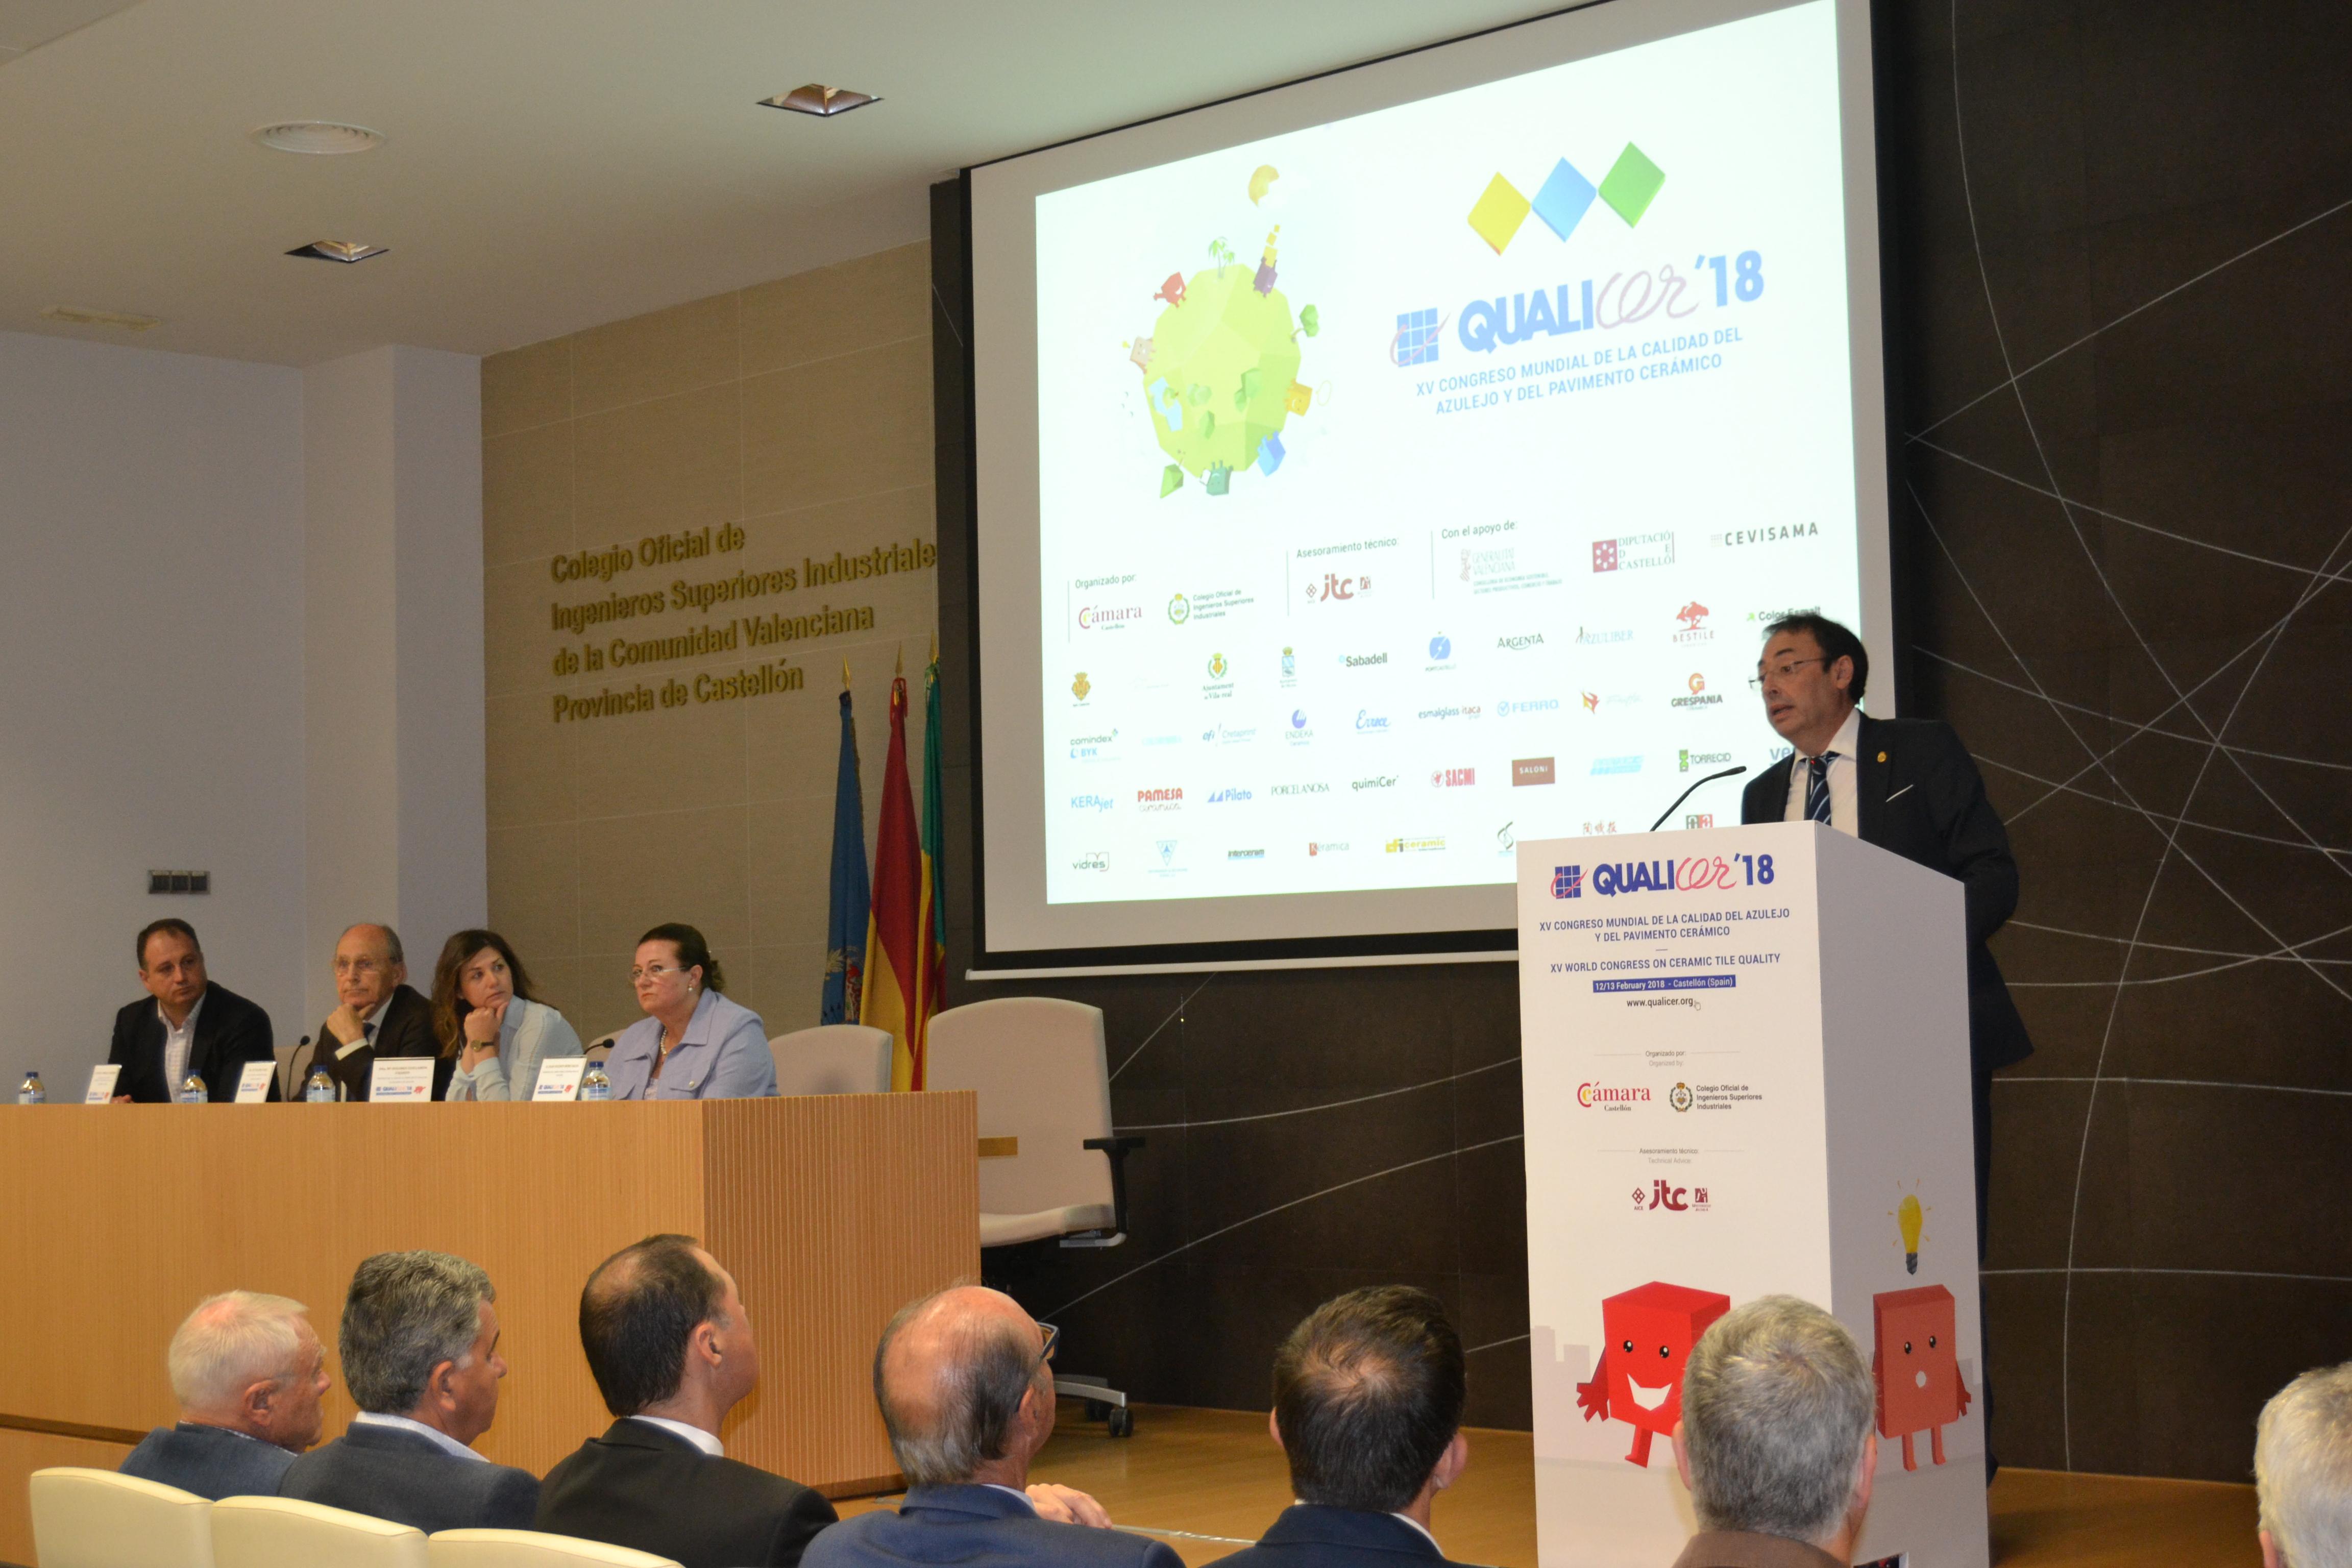 Presentación Comité Técnico Internacional